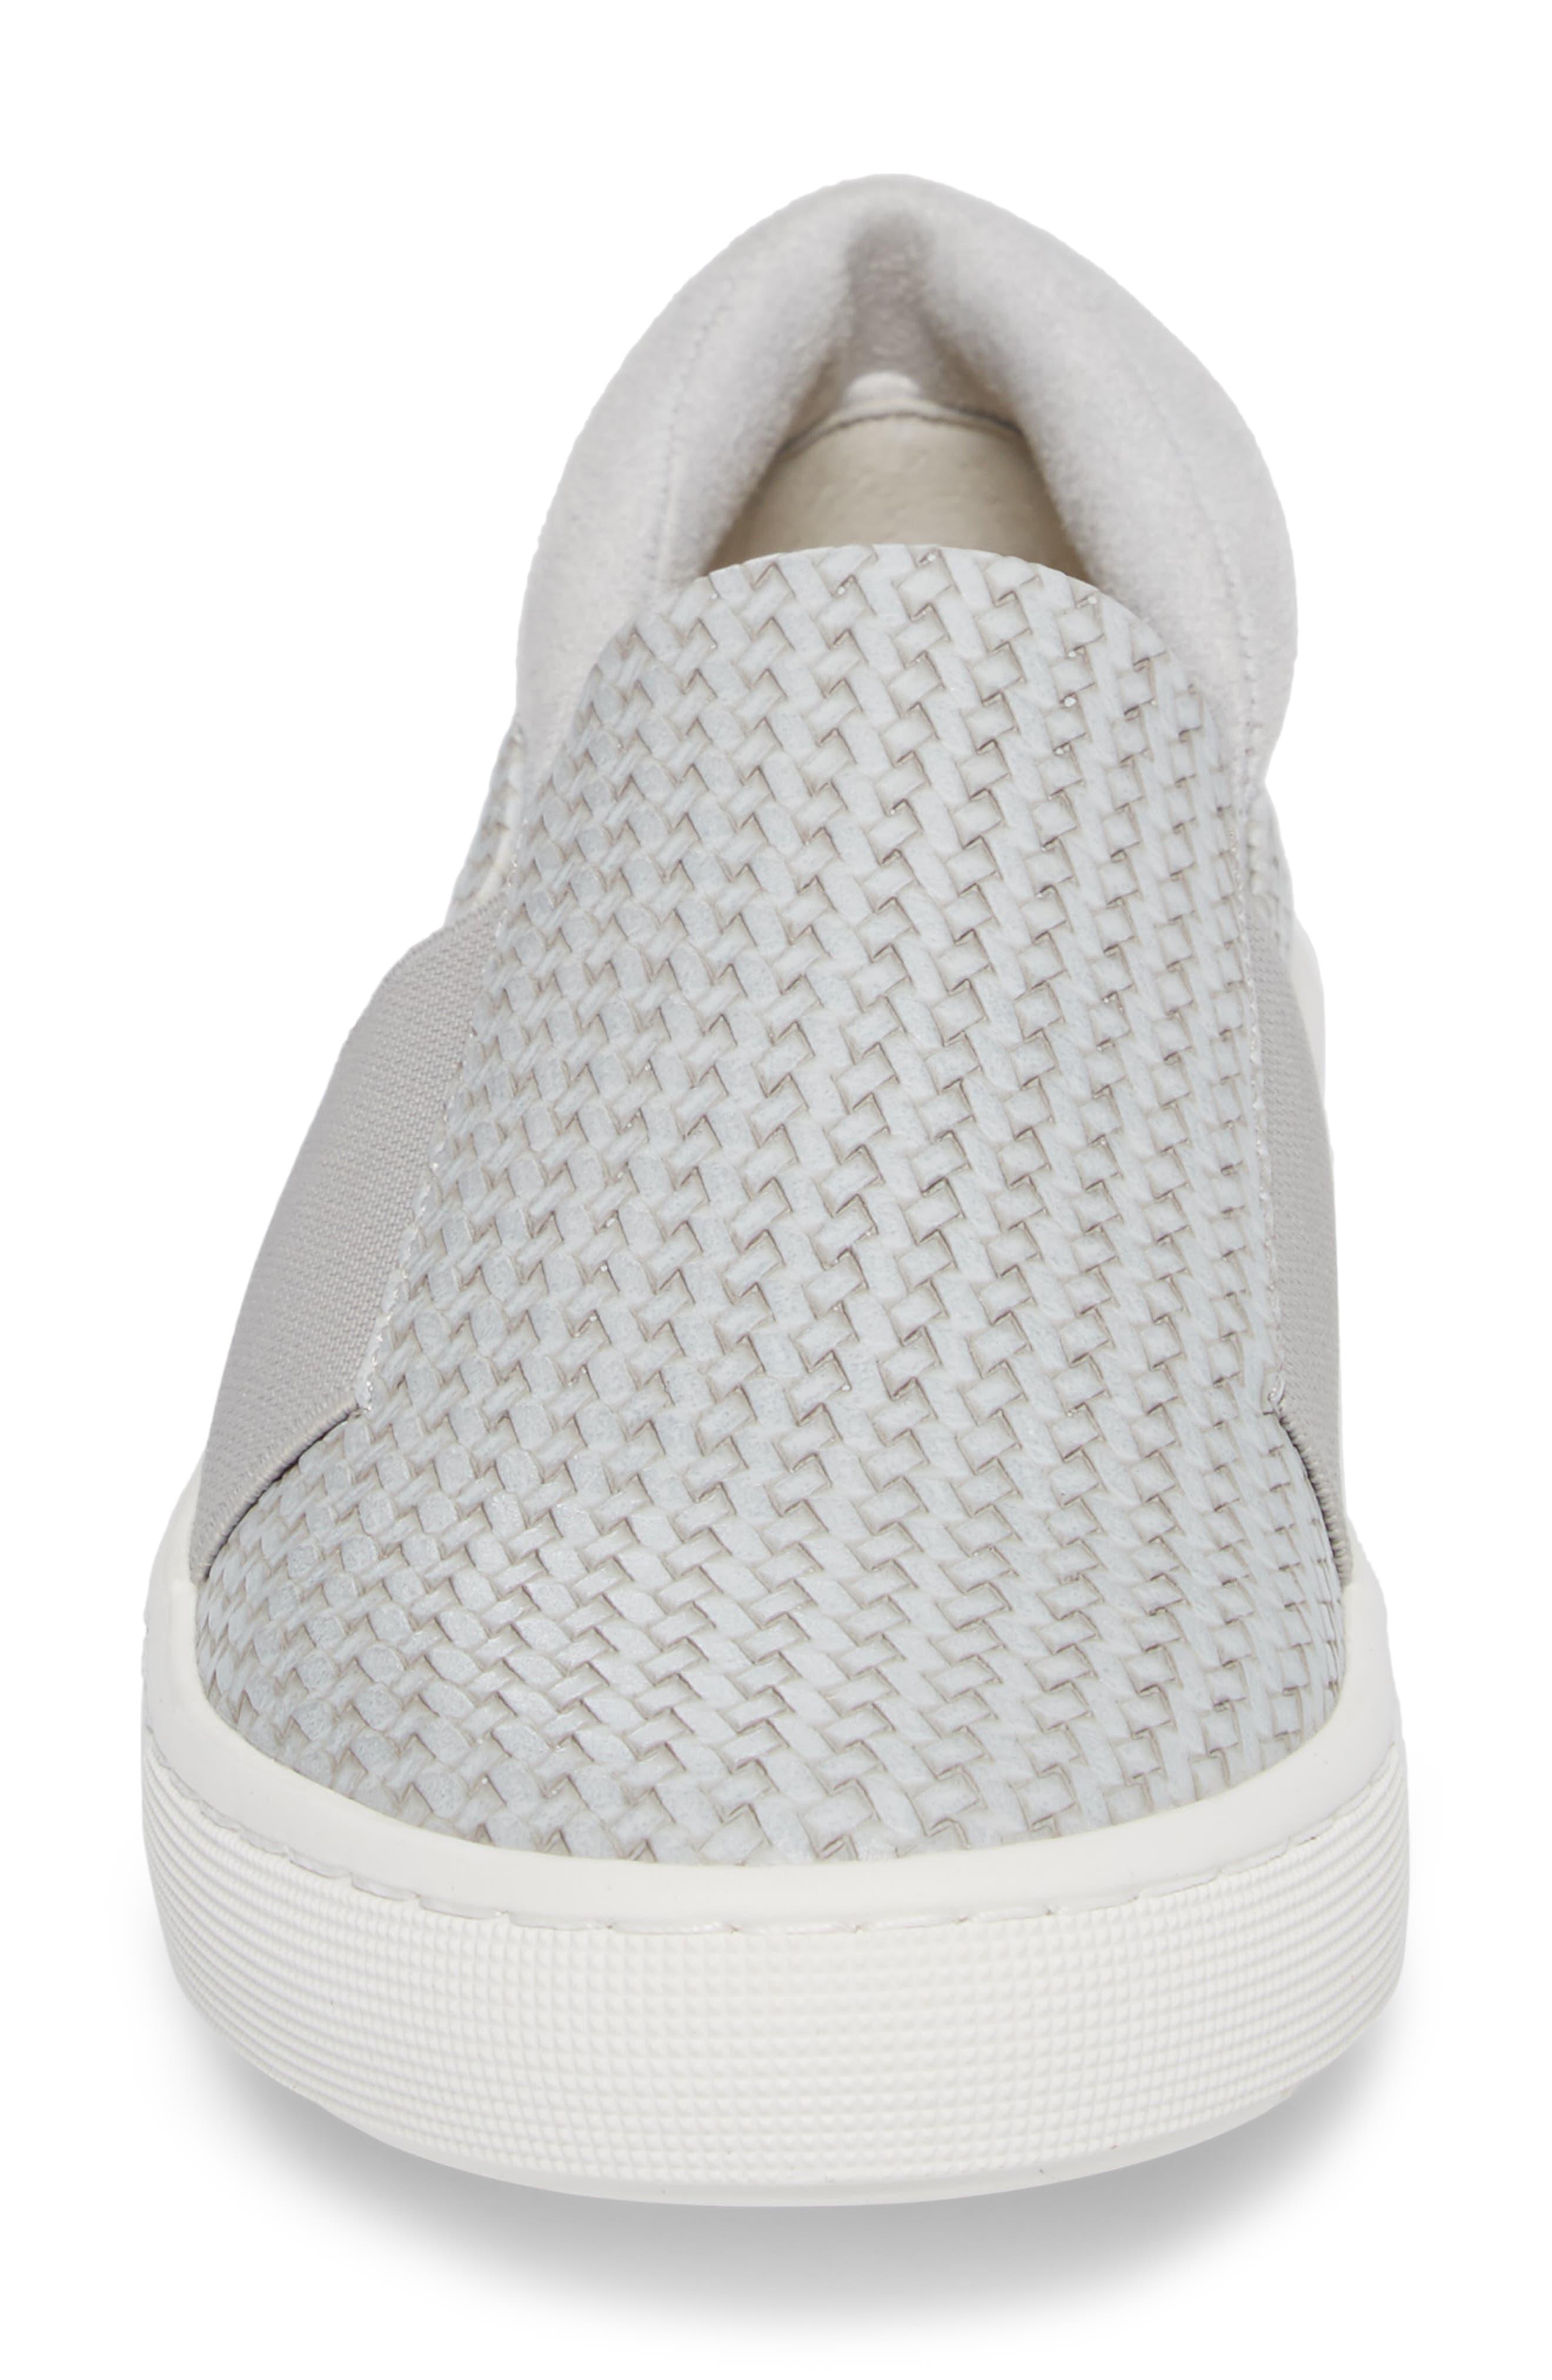 Ramp II Slip-On Sneaker,                             Alternate thumbnail 4, color,                             LIGHT GREY FABRIC